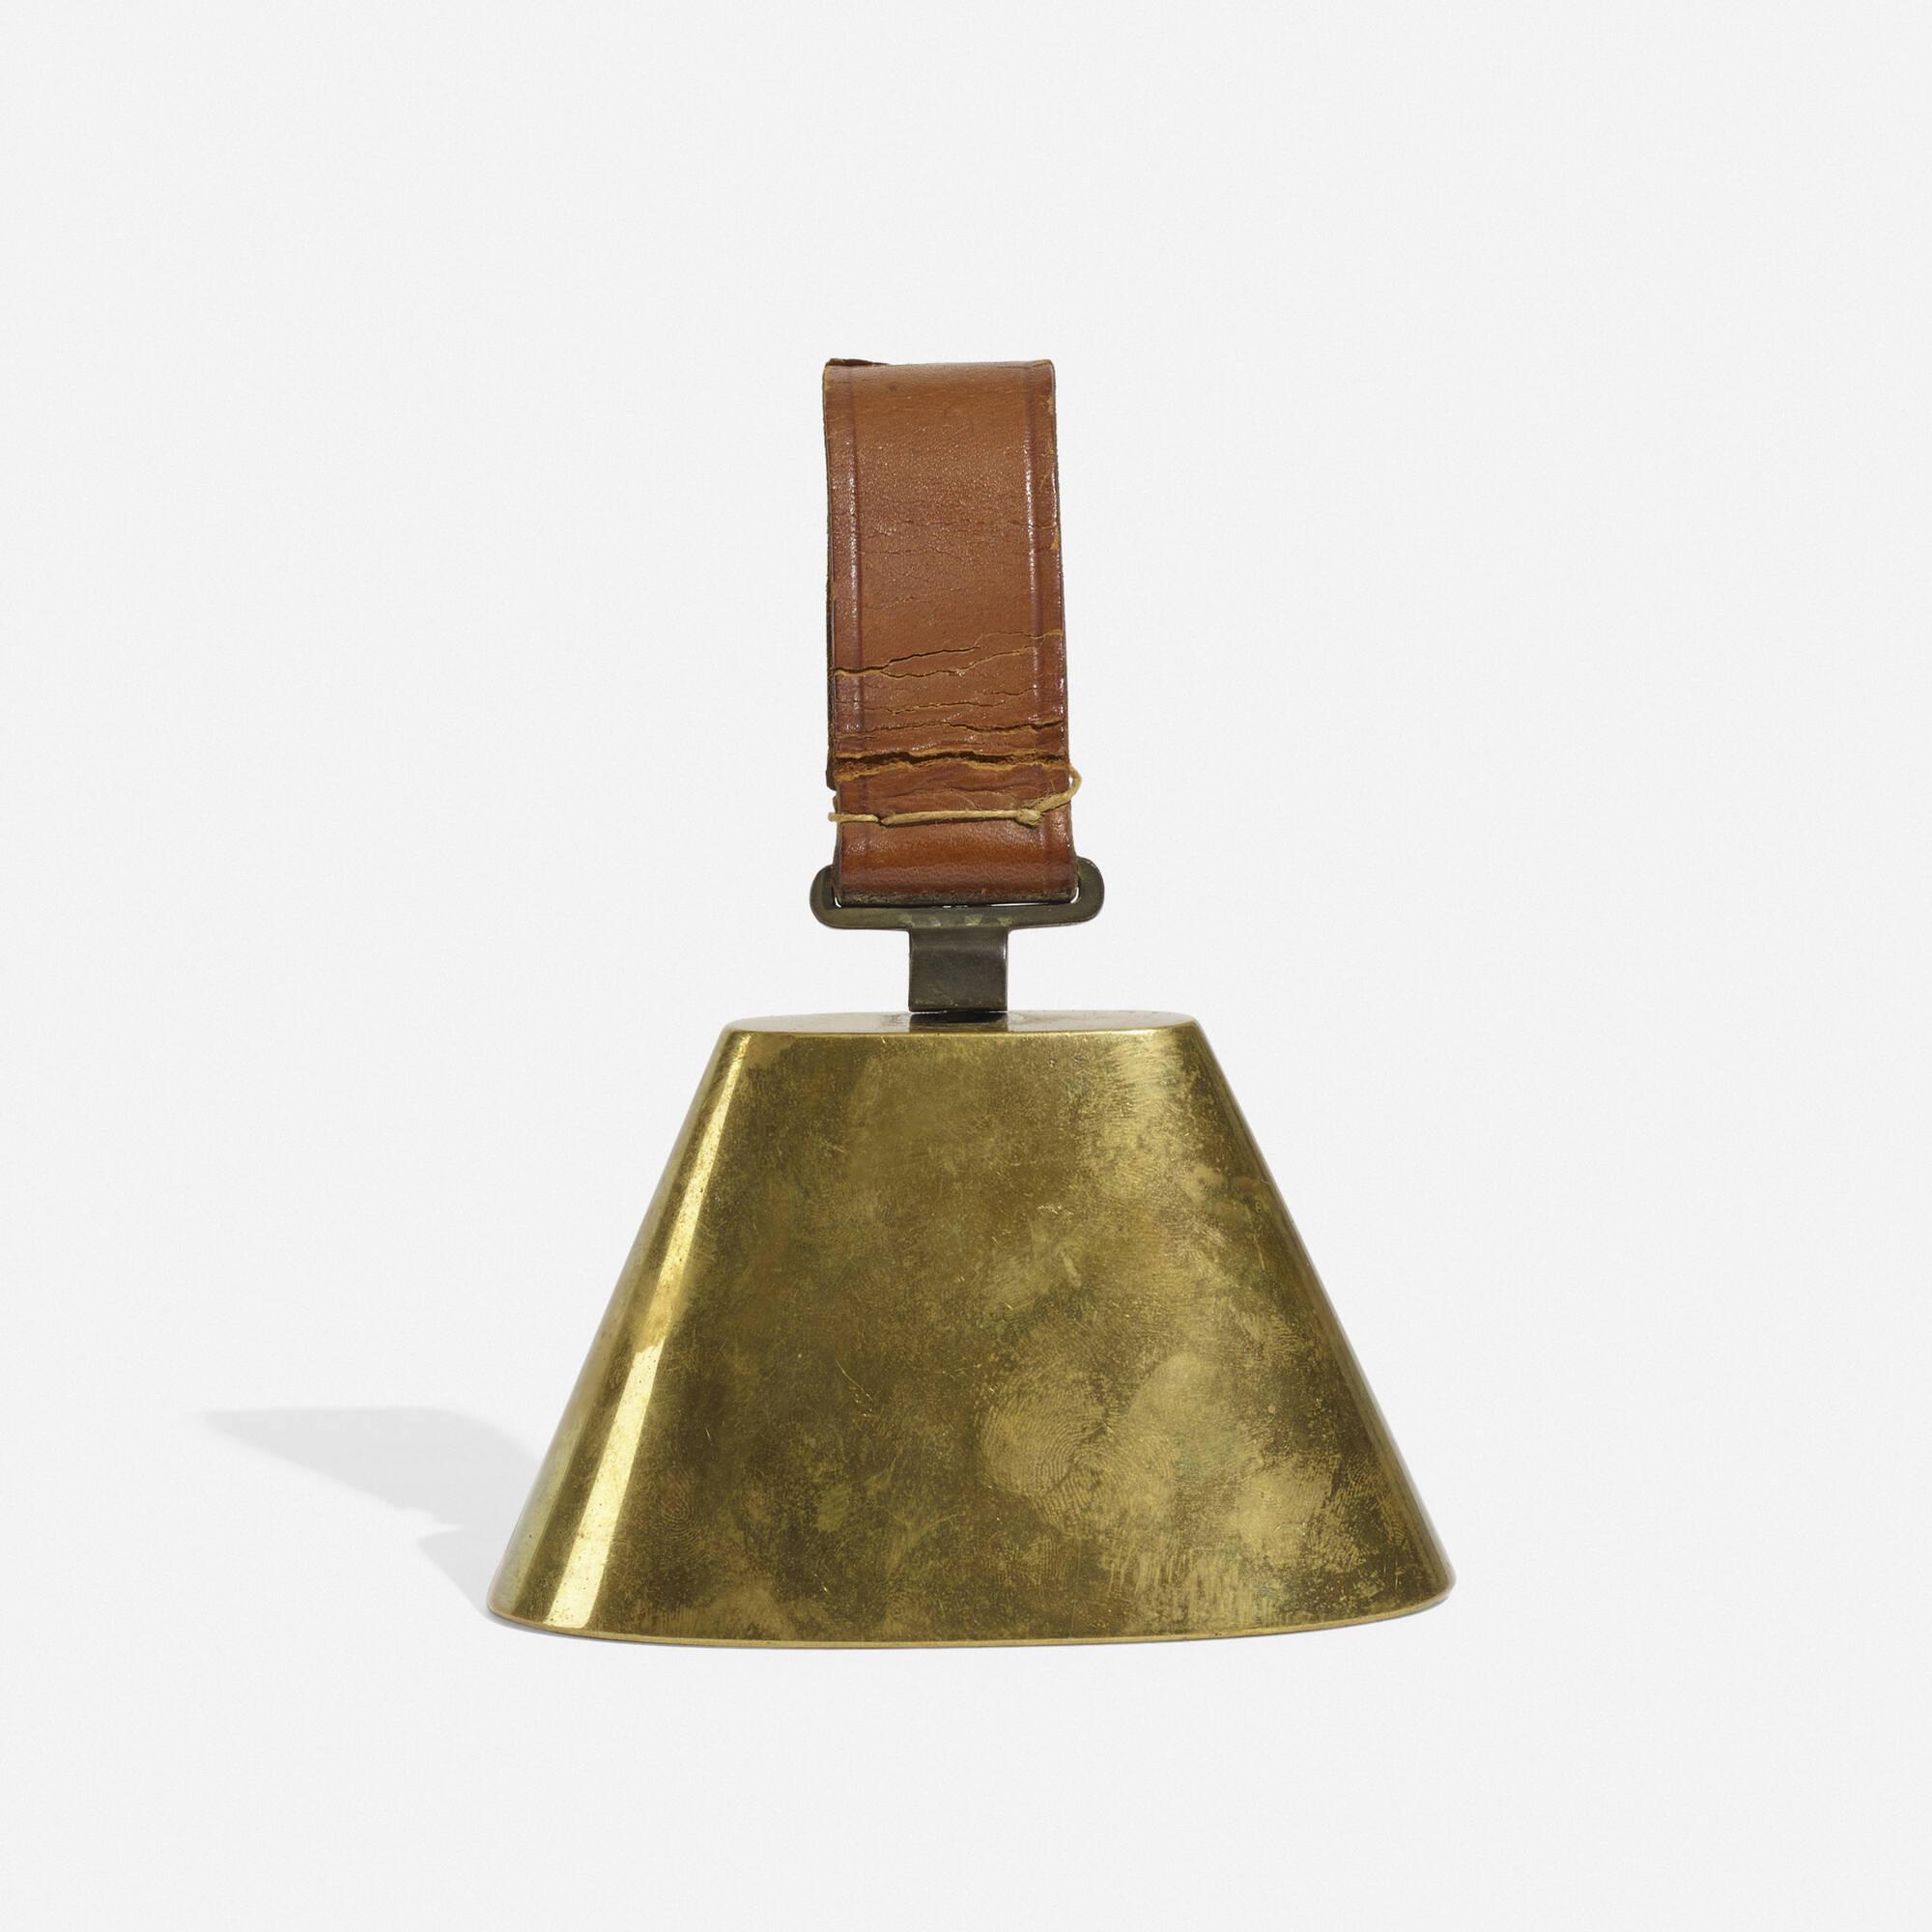 316: Carl Auböck II / dinner bell, model 3603 (1 of 2)